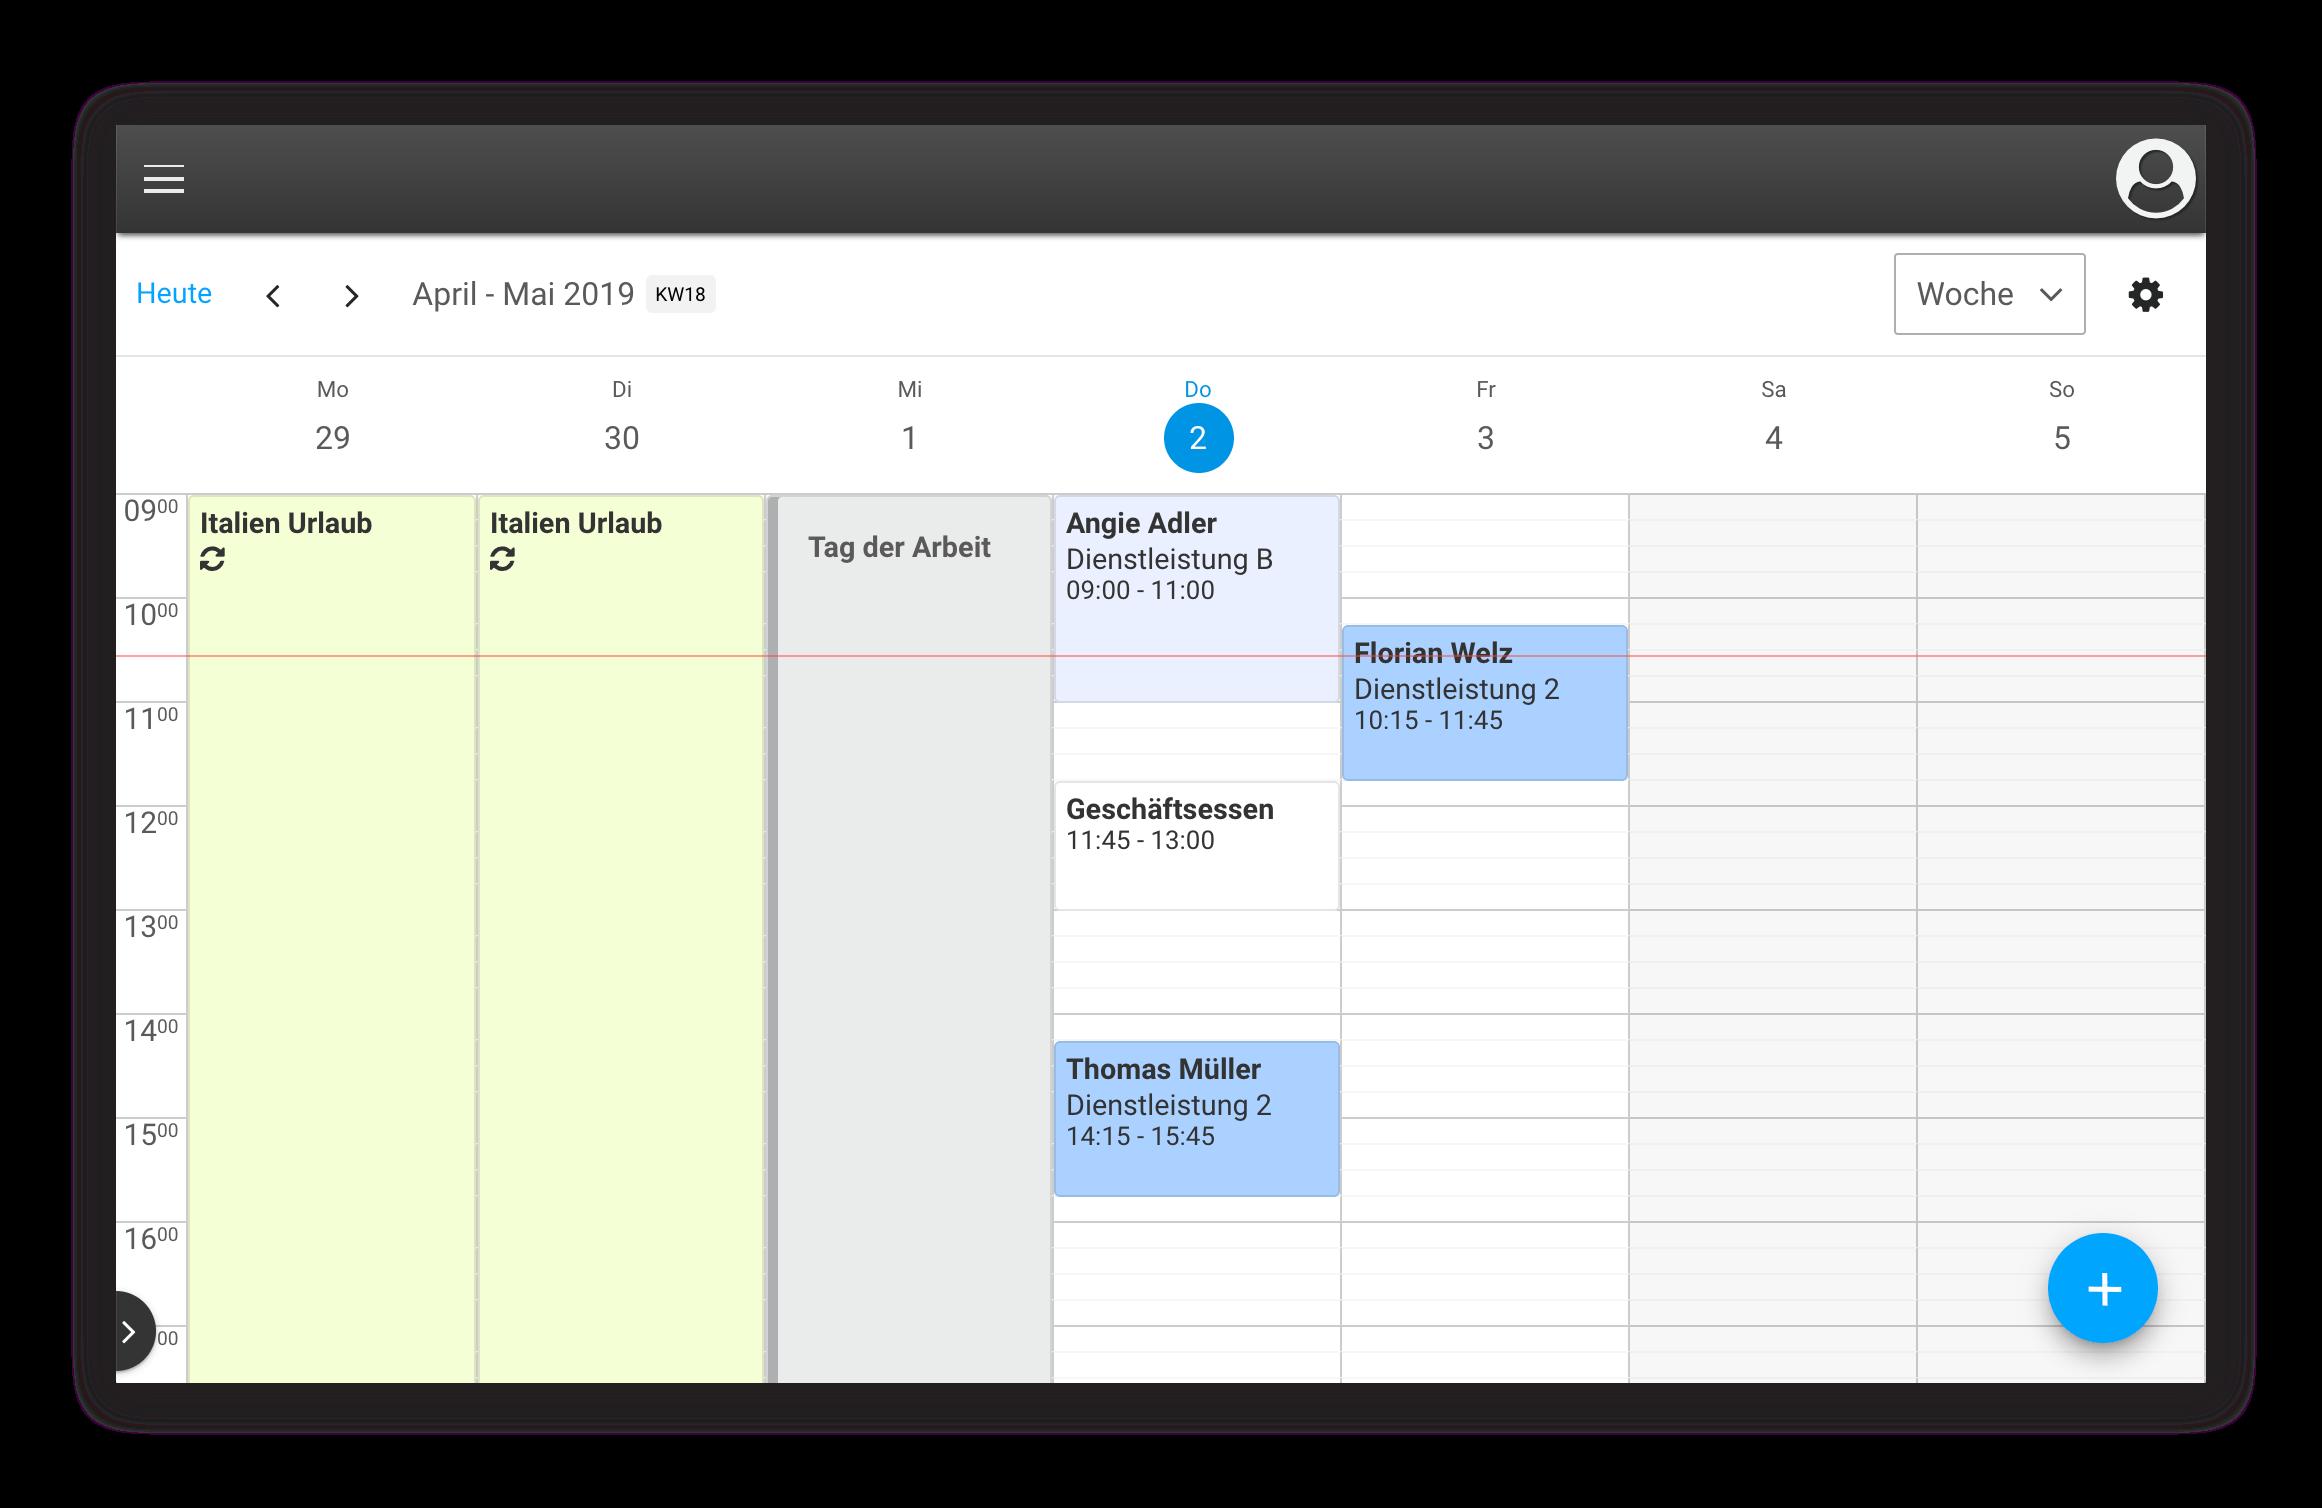 Die digitale Schichtplanung erlaubt eine flexbile Gestaltung der An- und Abwesenheiten Ihres Teams